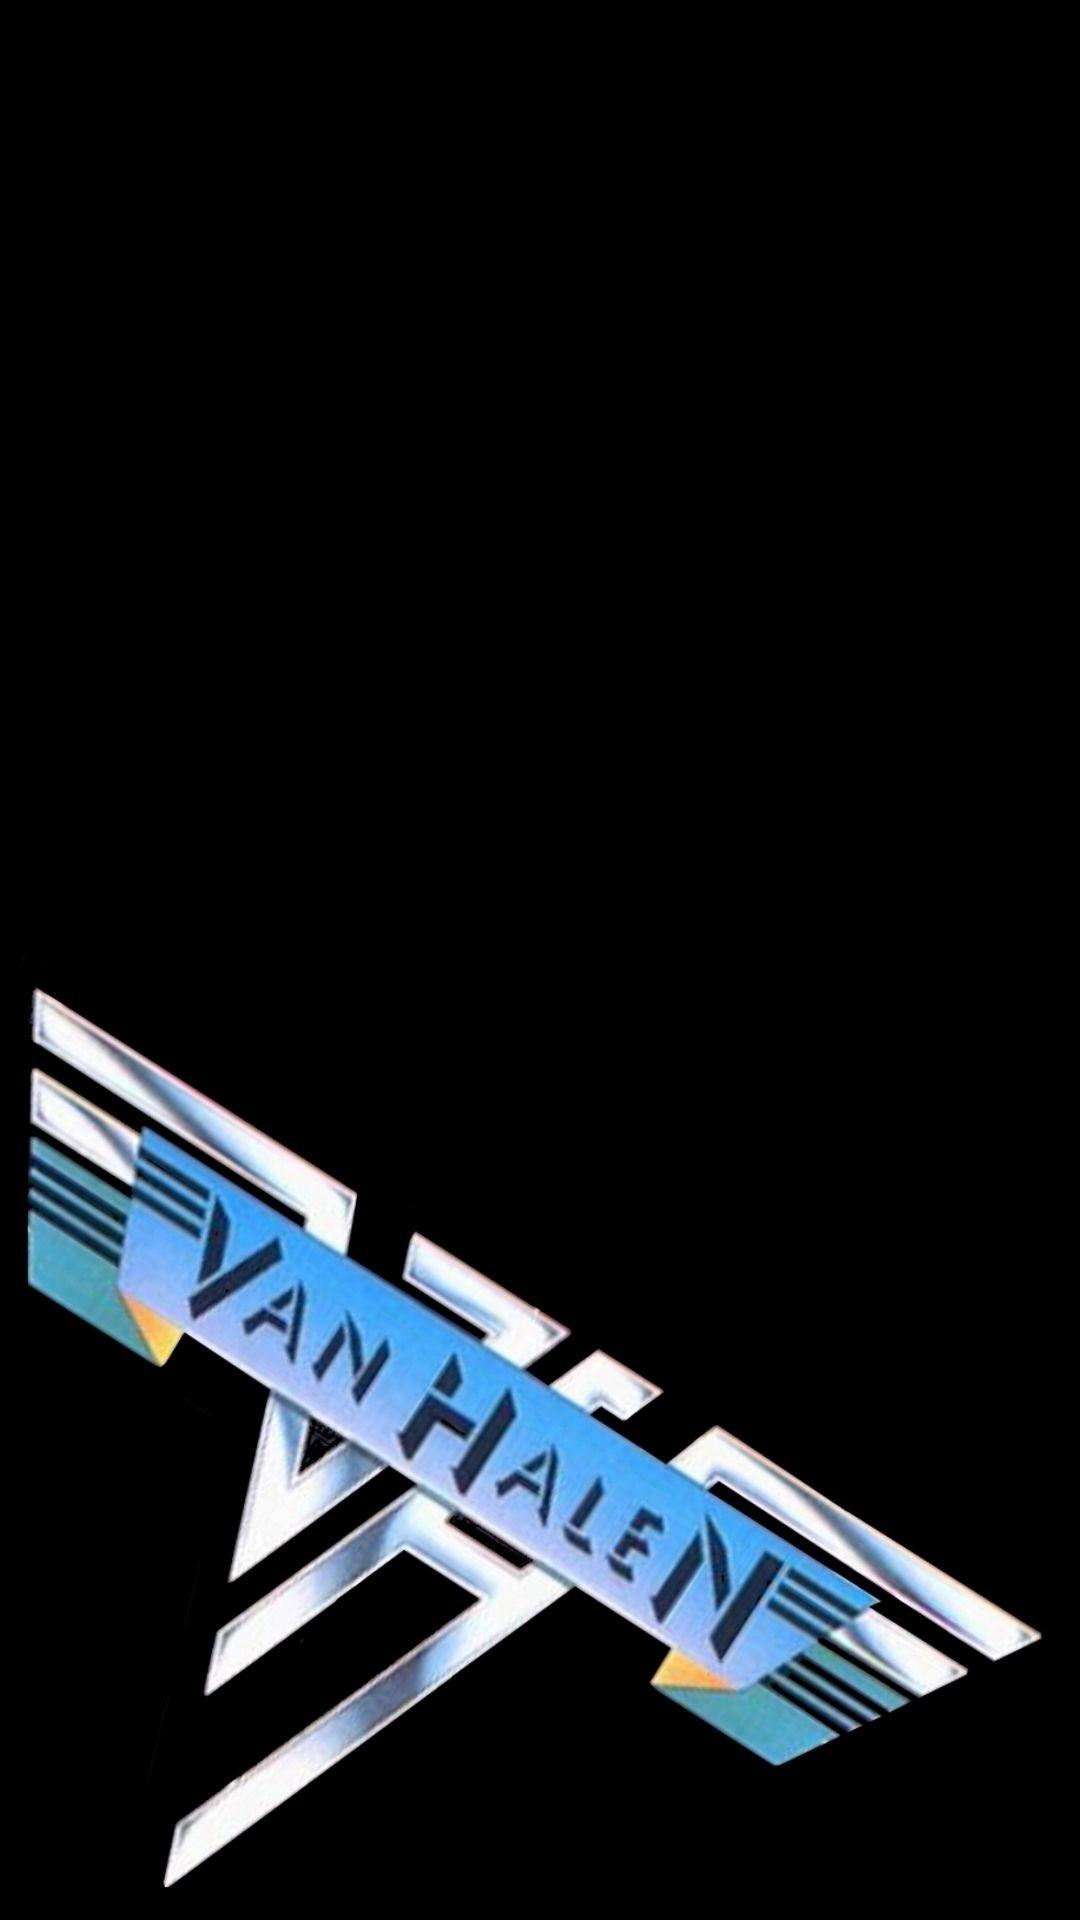 Res: 1080x1920, Van Halen Eddie Van Halen, Rock Legends, Rock Roll, Cool Wallpaper, Black